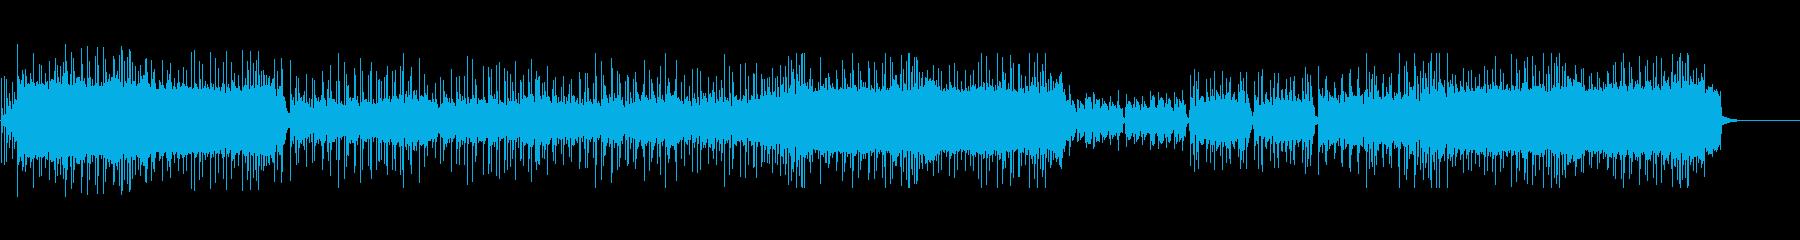 エモーショナルなギターロックの再生済みの波形